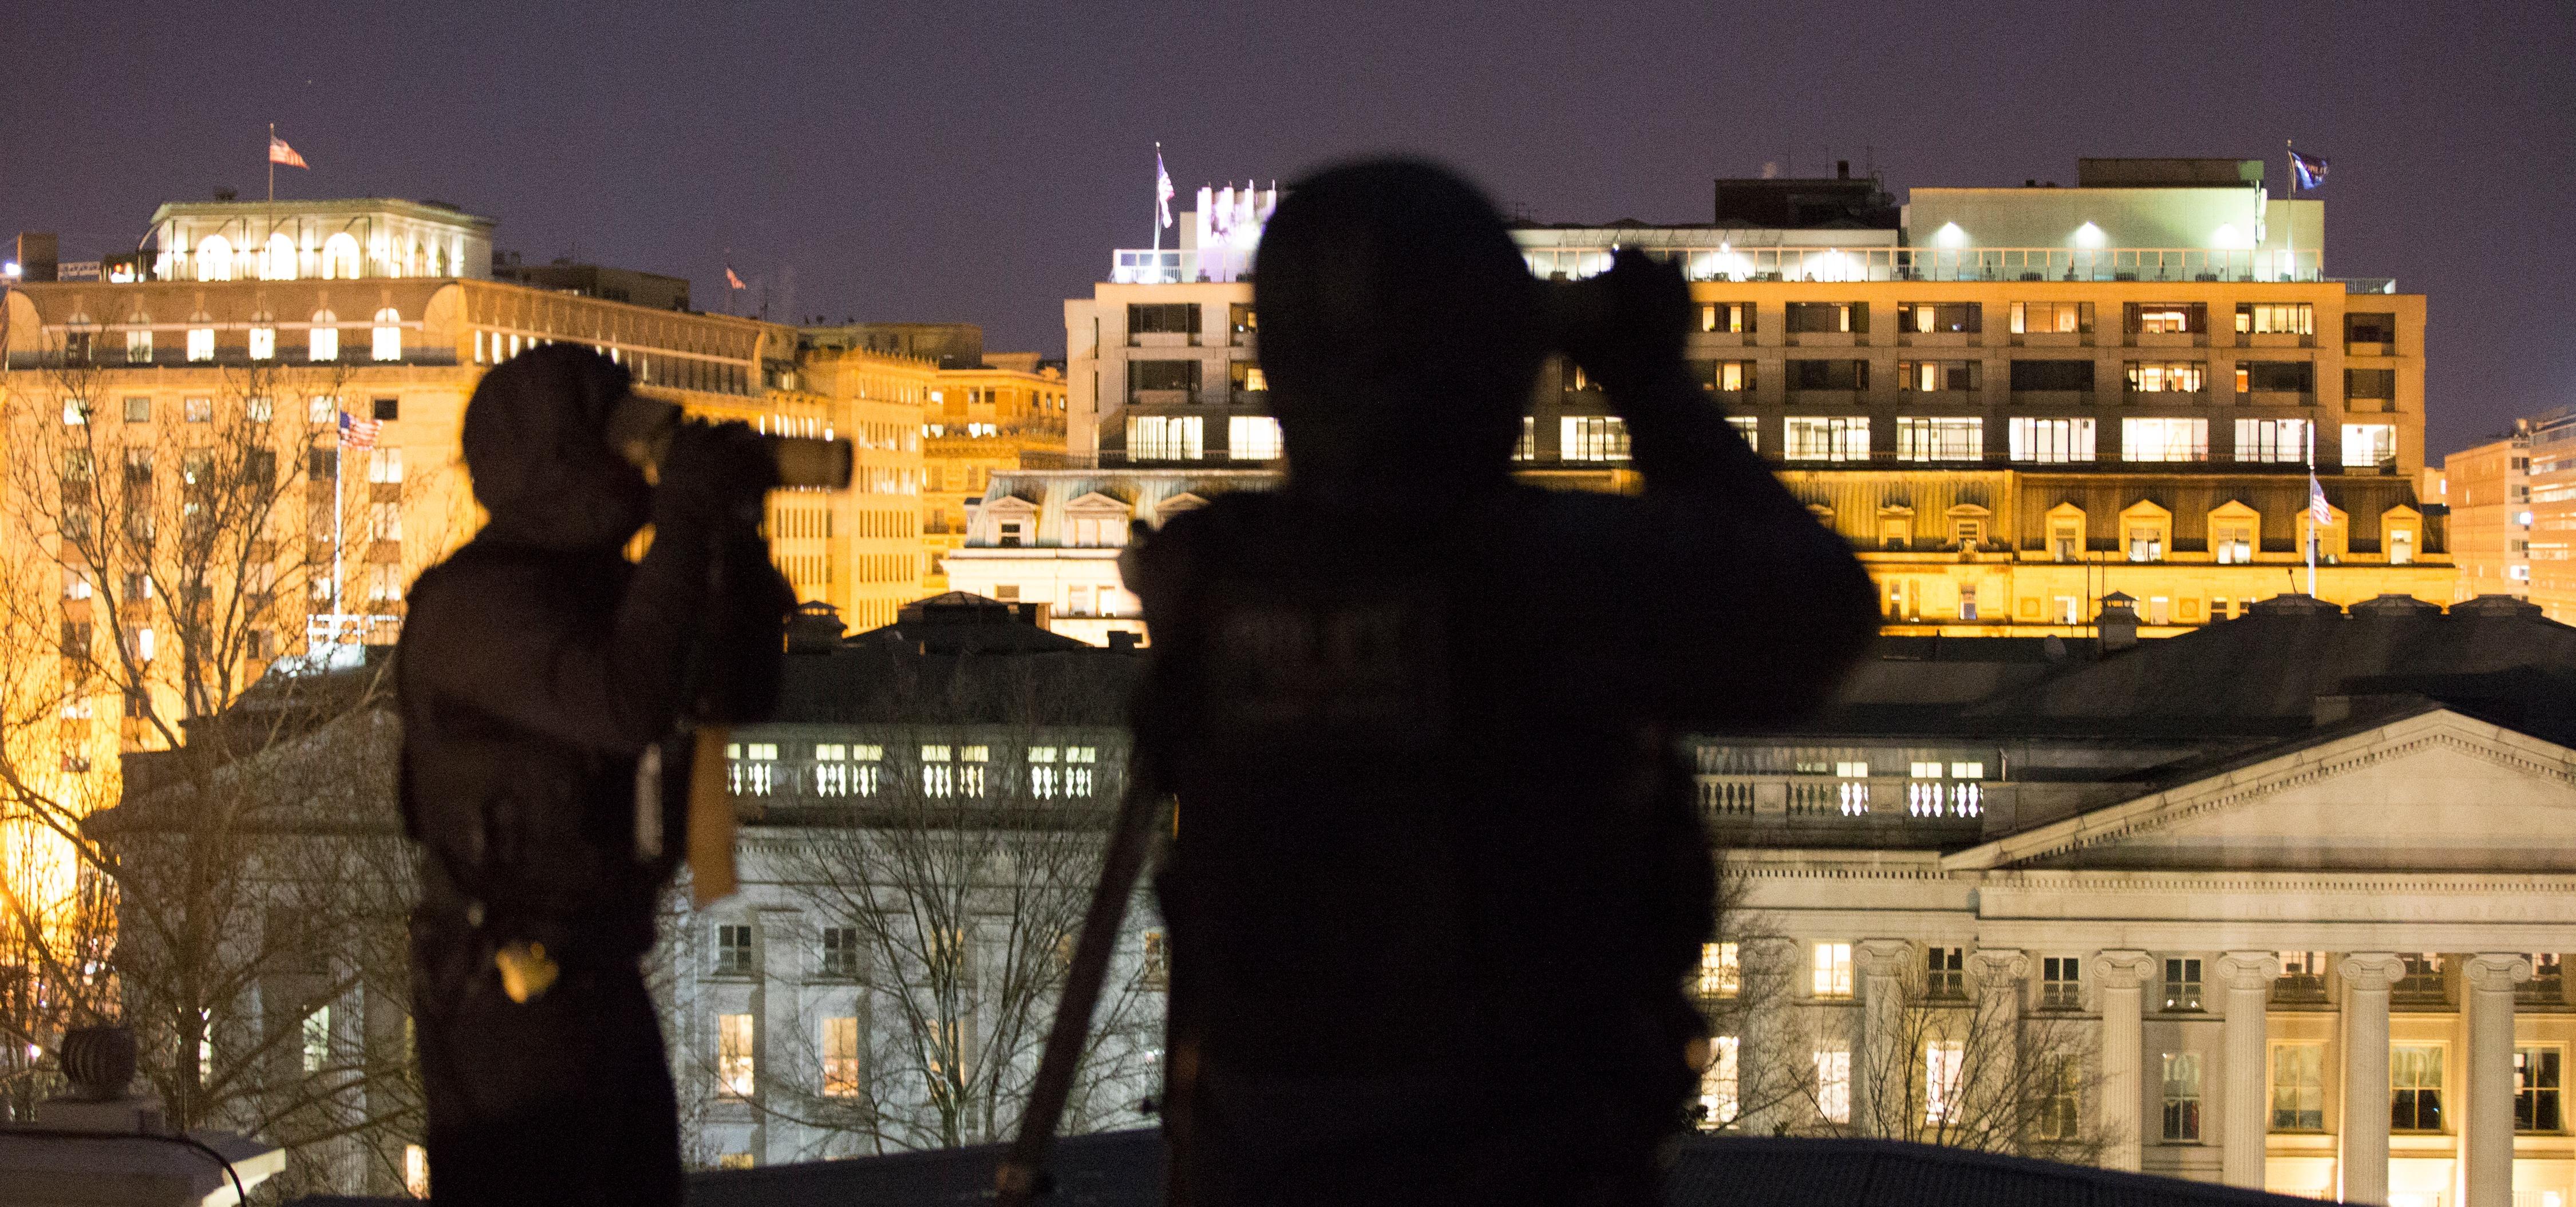 Przenieś się w świat agentów Secret Service i bądź towarzyszem ich codziennej pracy. Już w styczniu umożliwi to kanał National Geographic